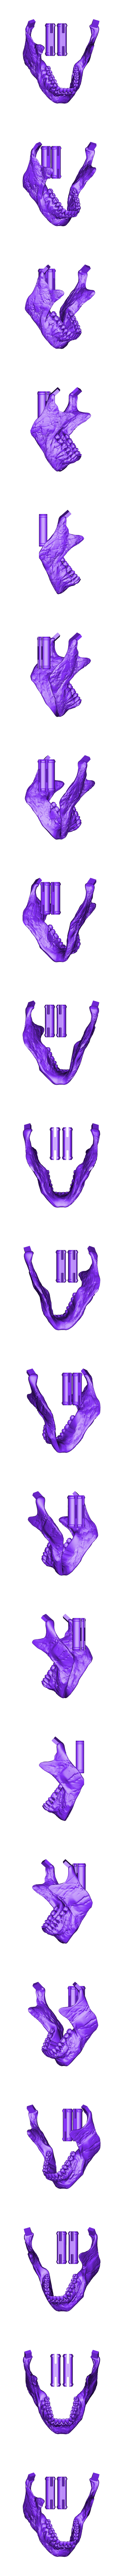 MiniHumanMandible.stl Download free STL file Human Skull • 3D print model, JackieMake